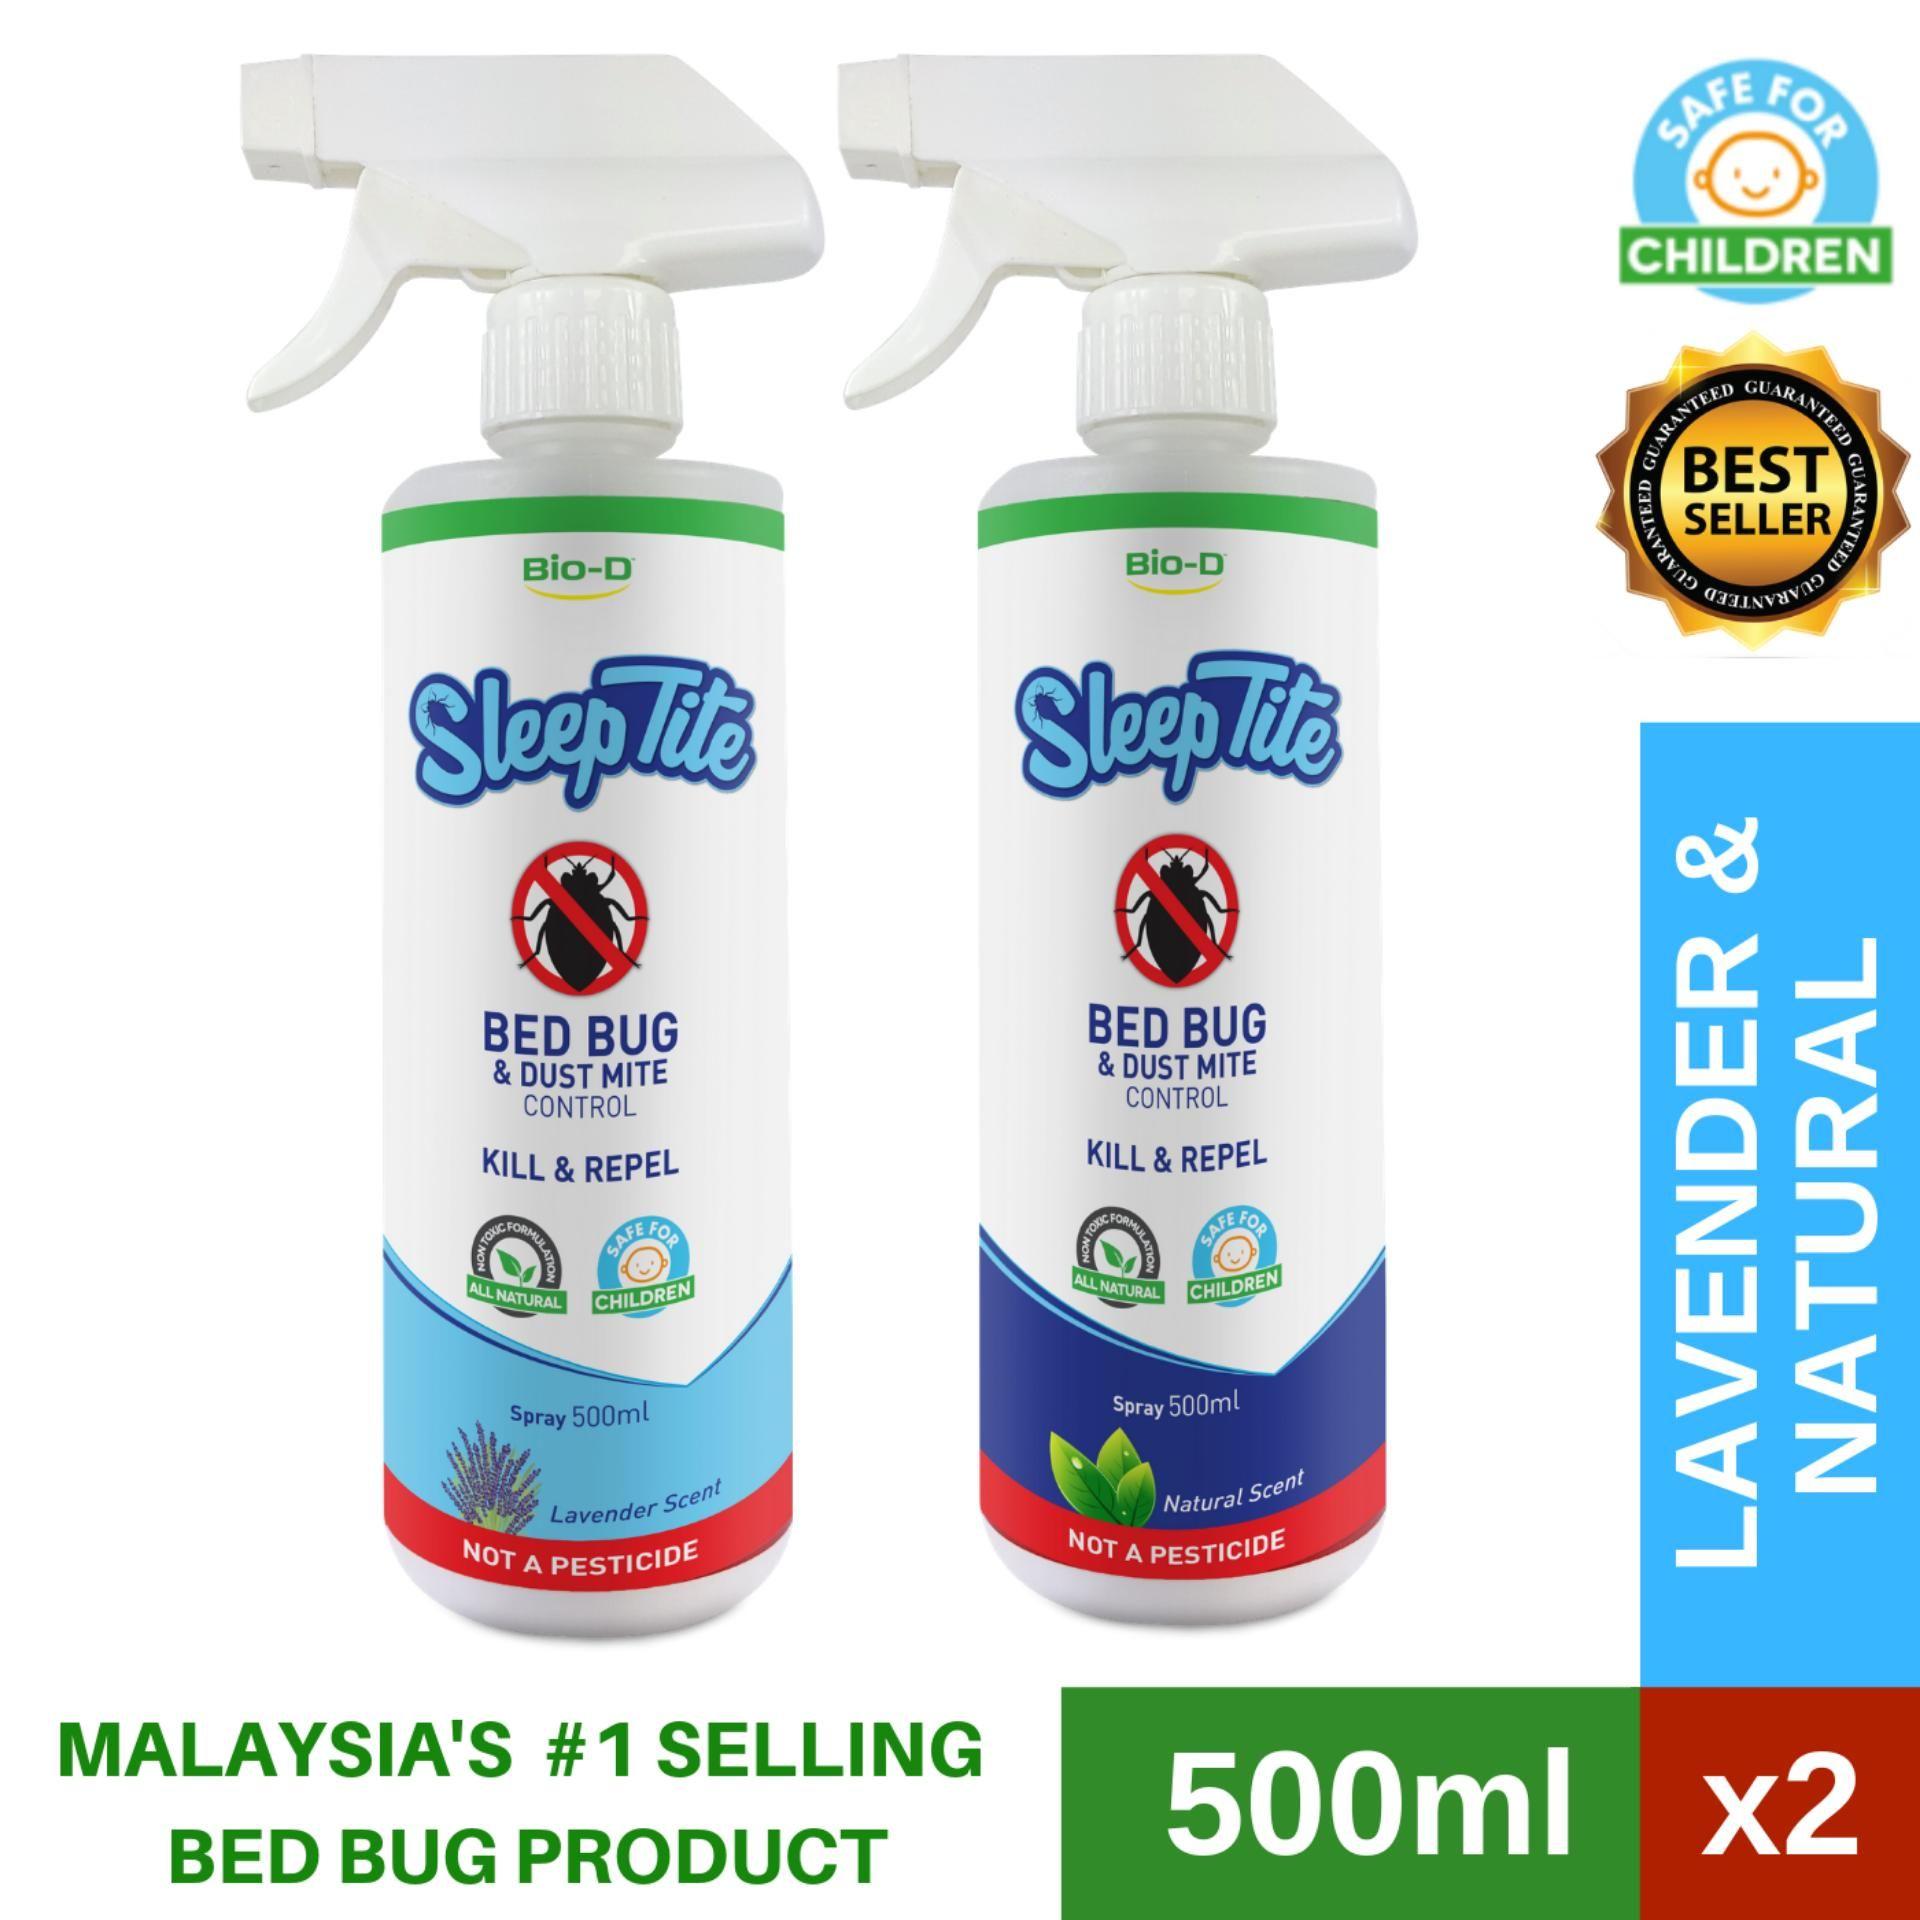 Bio D Sleeptite Bed Bug Dust Mite Control 500ml Spray Natural